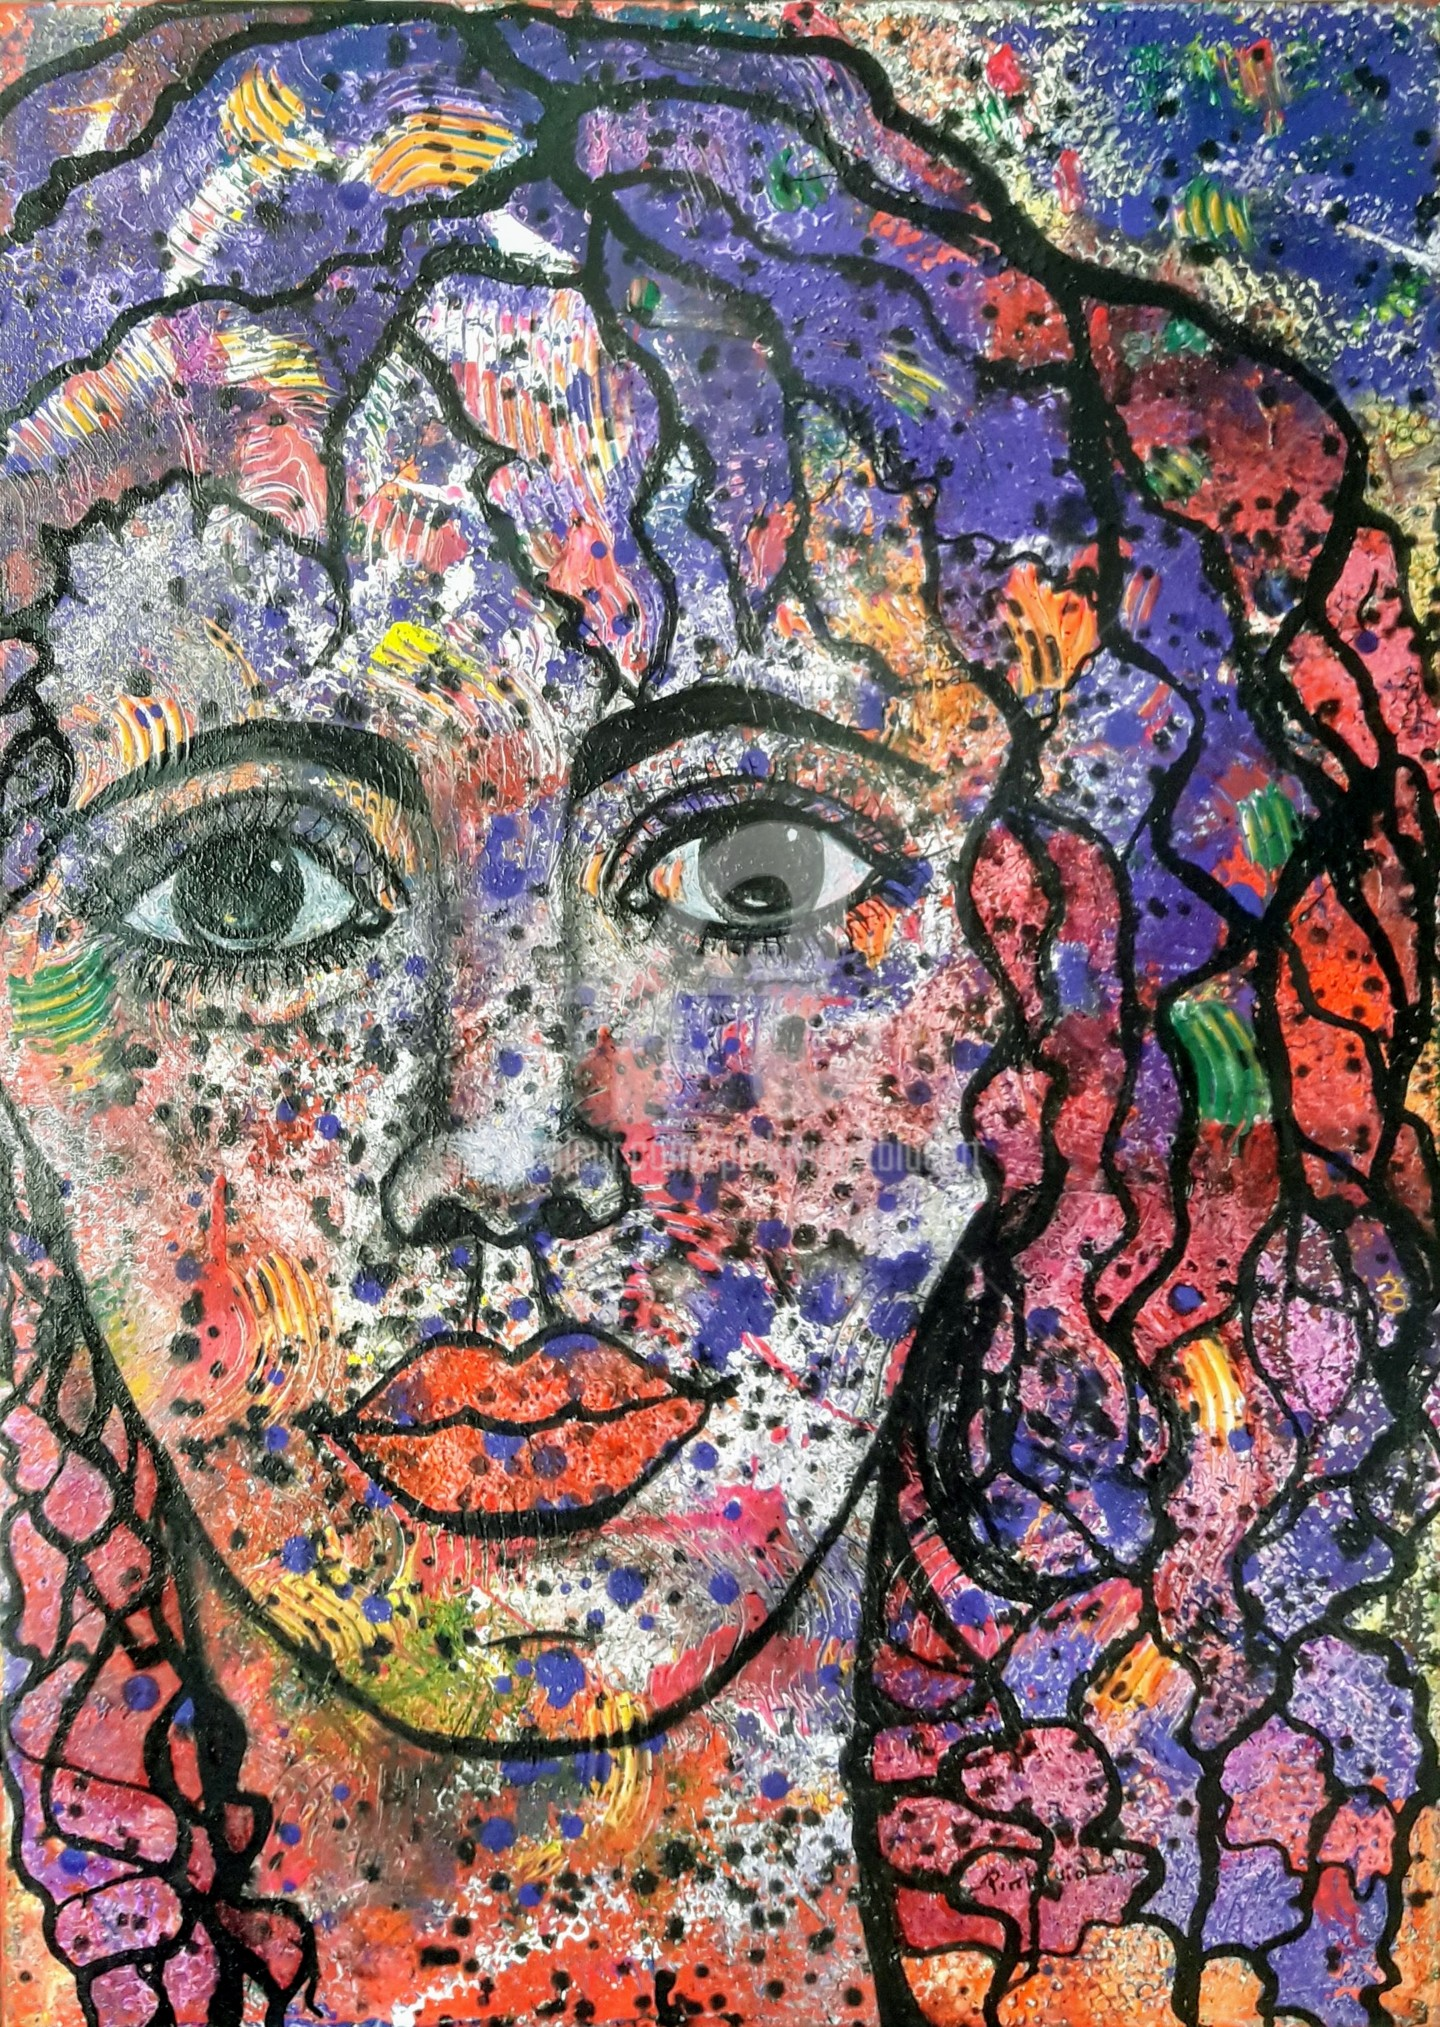 Pinkivioletblue - L'autoportrait du passé